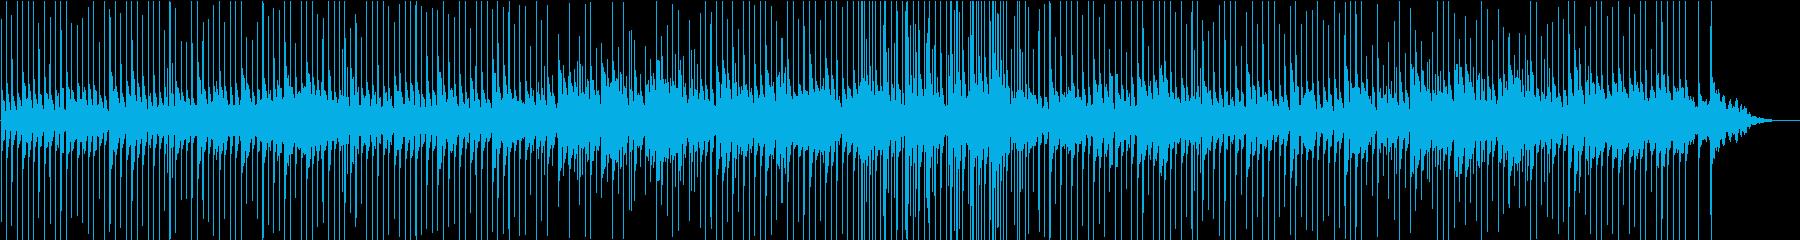 ヴァヴィロフの「アヴェ・マリア」の再生済みの波形